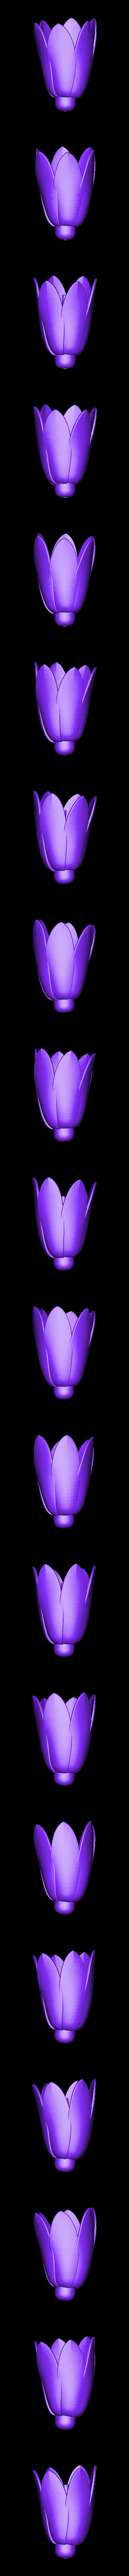 campanule_n_1.STL Download free STL file Fleurs • 3D print design, Etienne